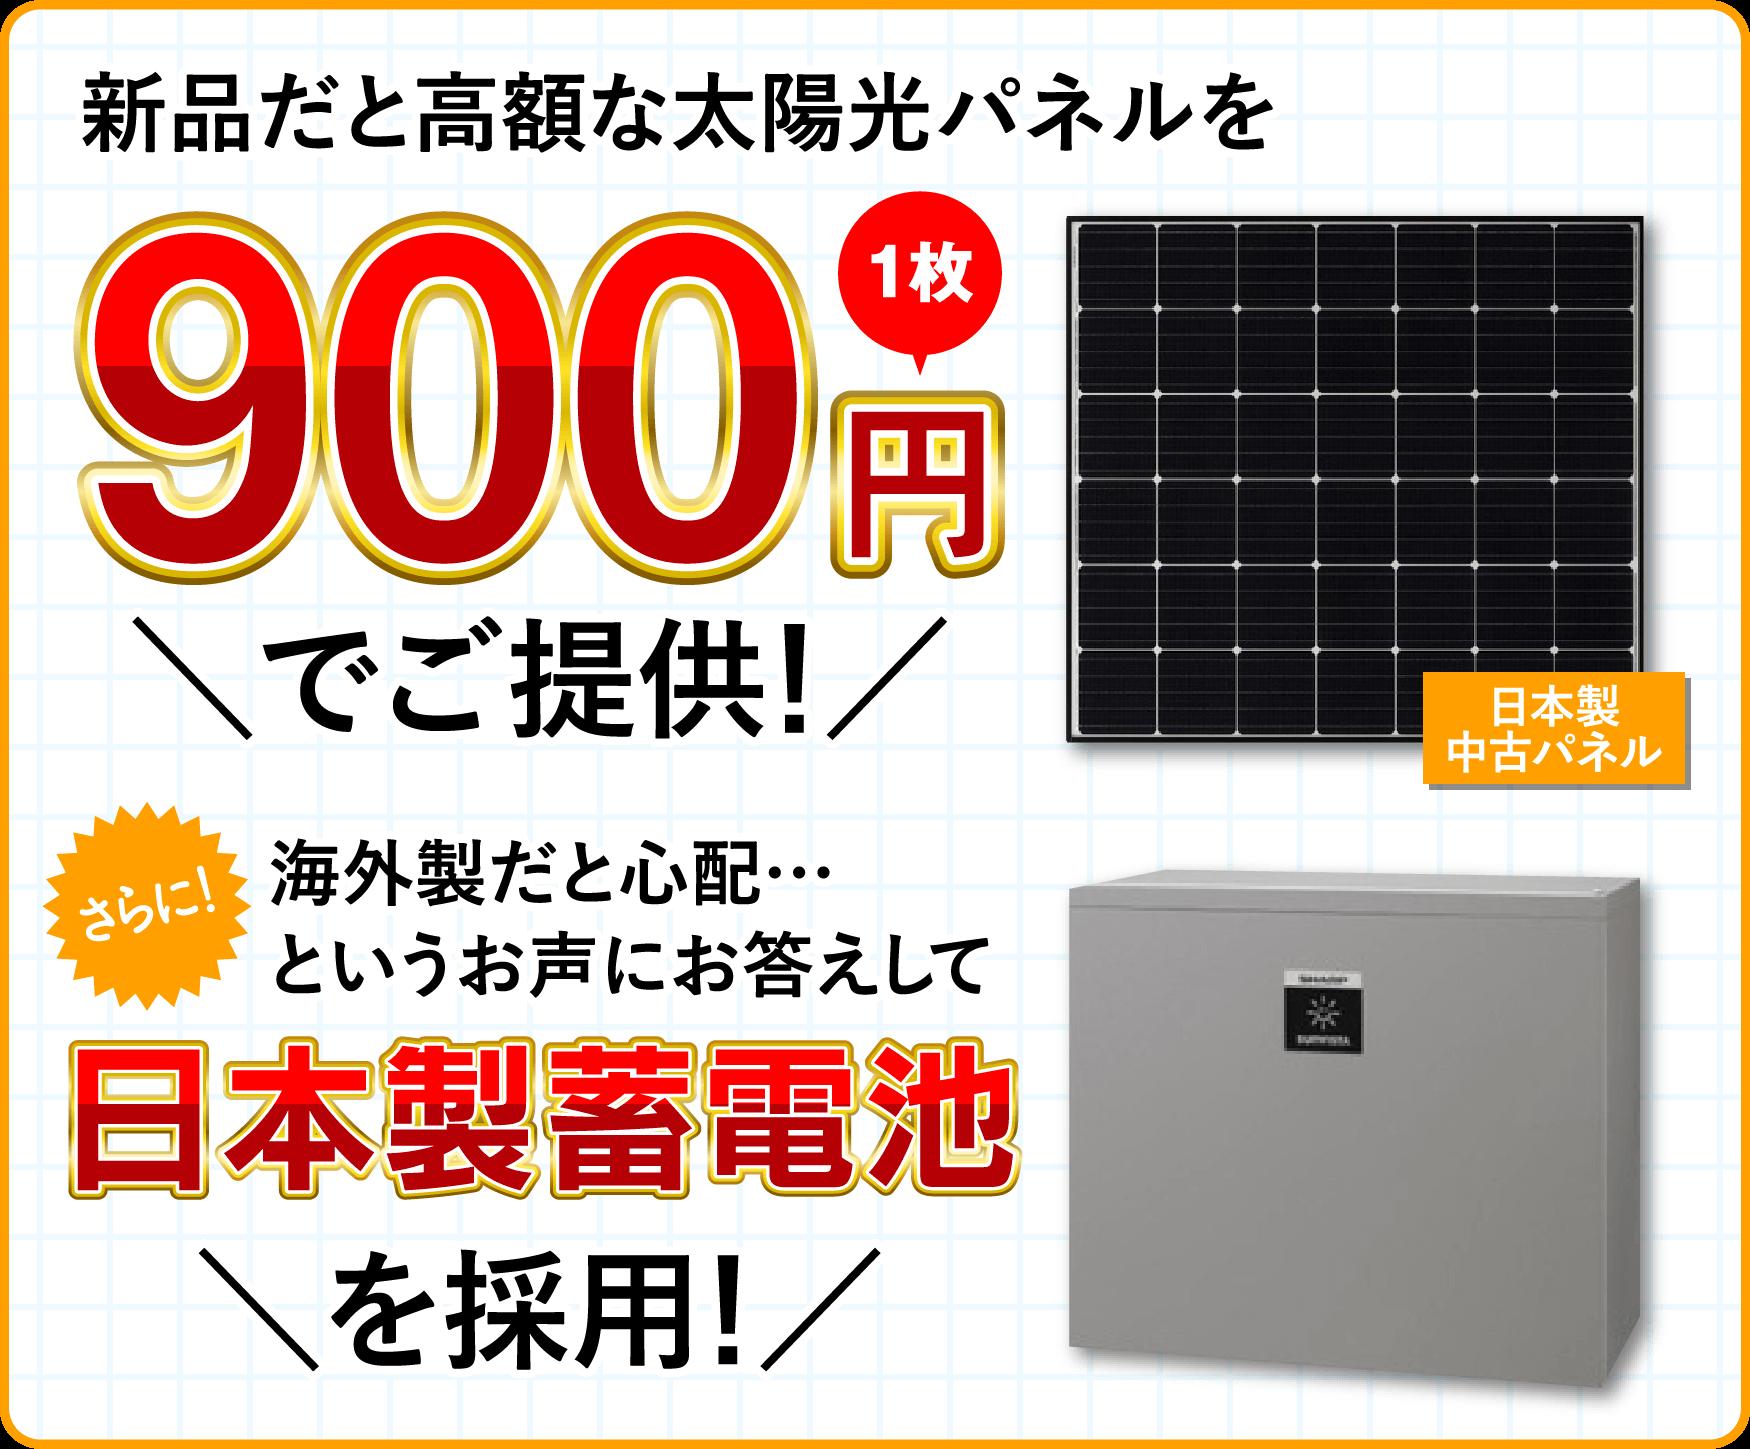 新品だと1枚97,900円の太陽光パネルを 1枚900でご提供! さらに!海外製だと心配…というお声にお答えして日本製蓄電池を採用!